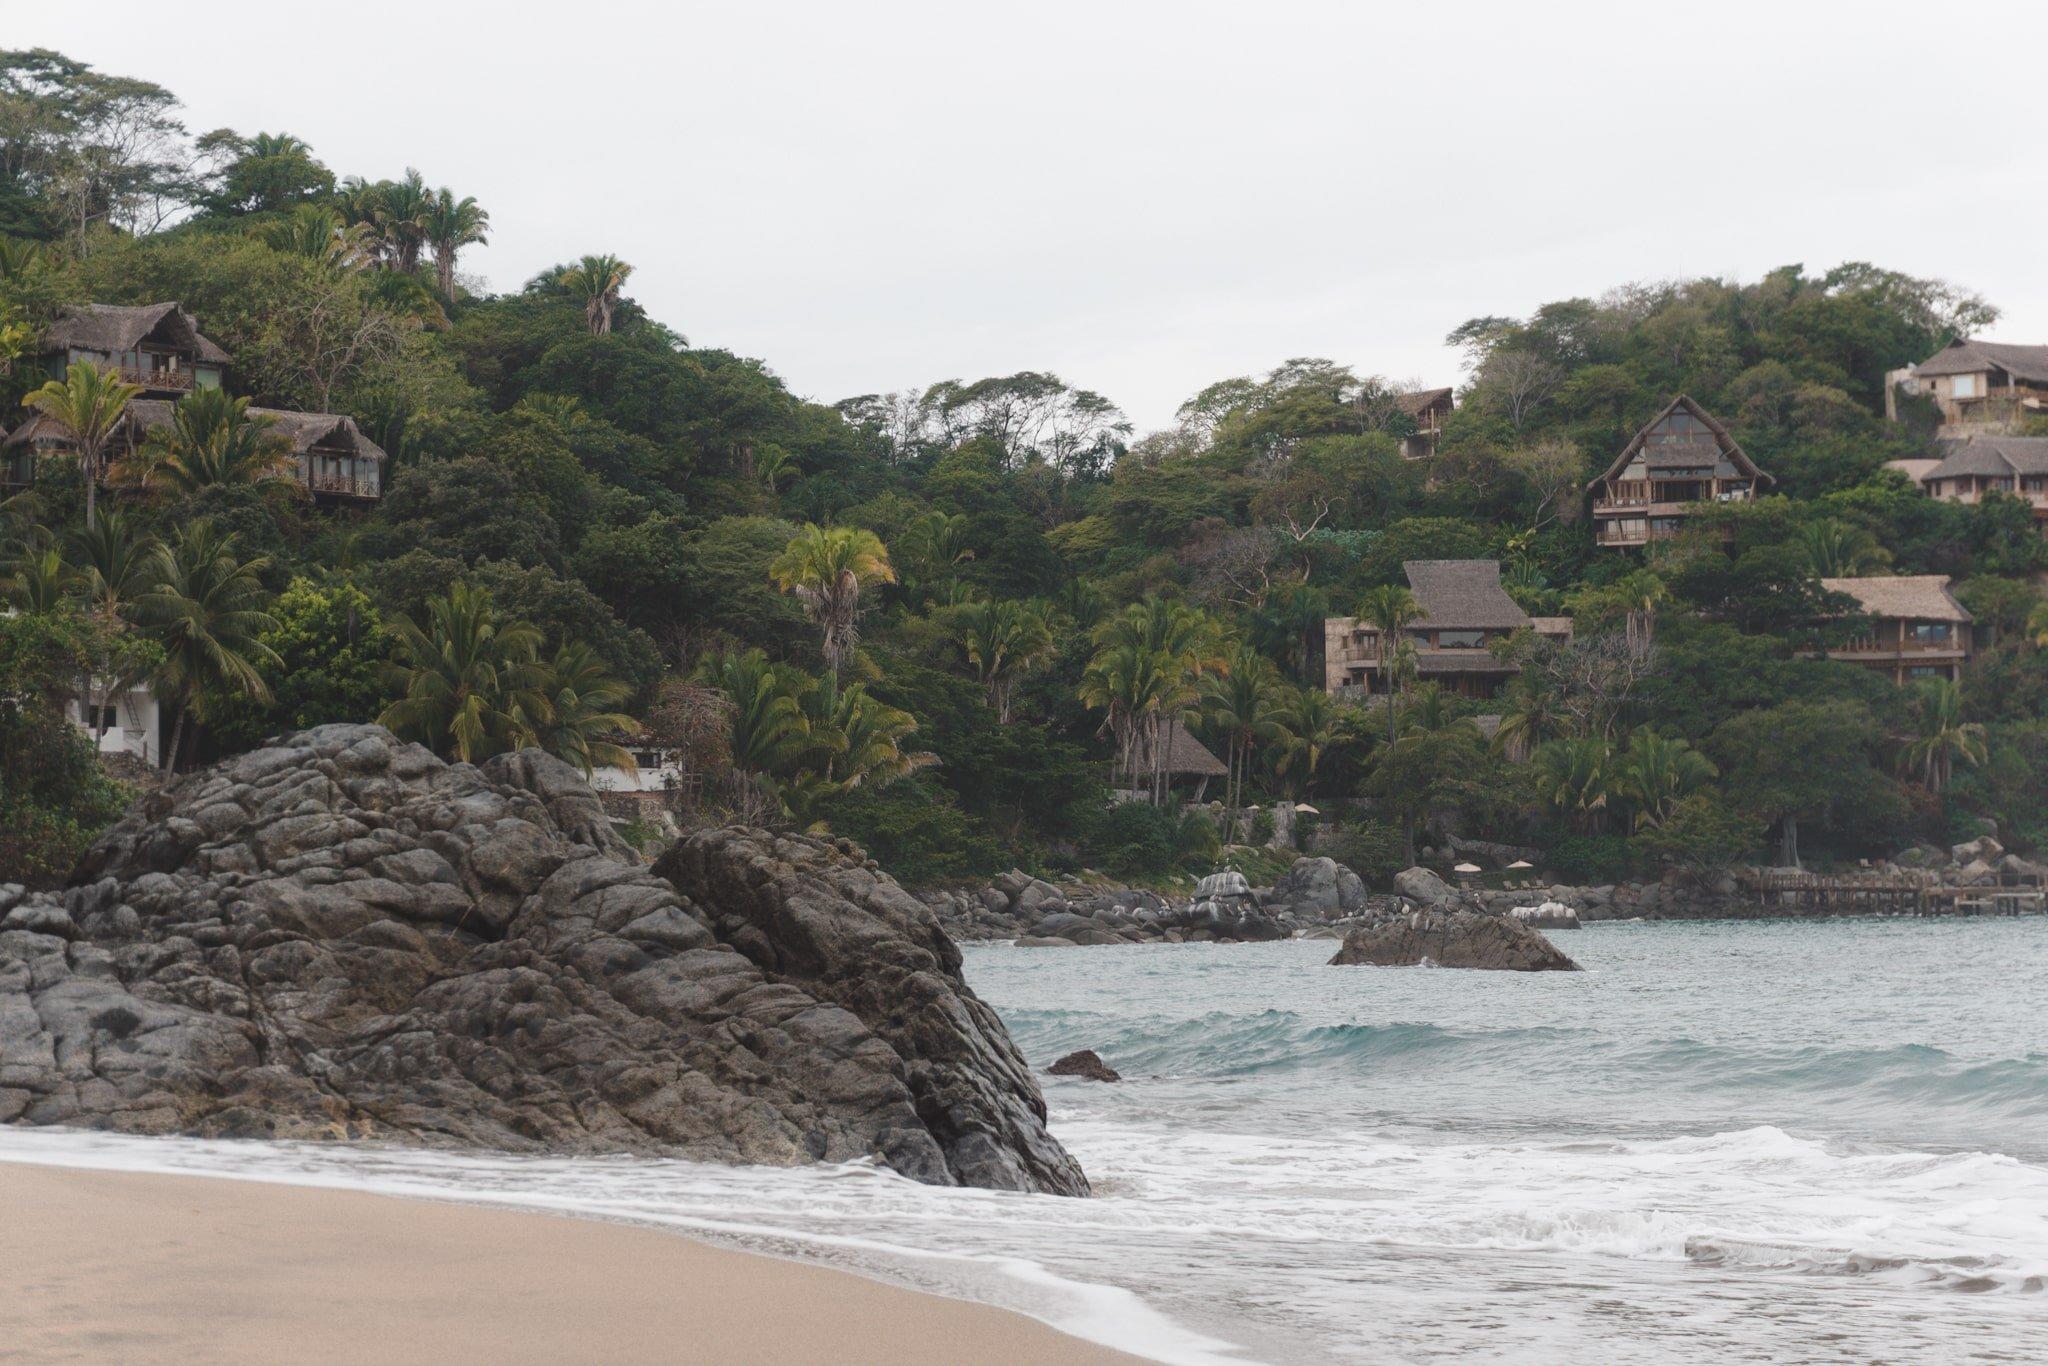 Playa De Los Muertos Sayulita Mexico